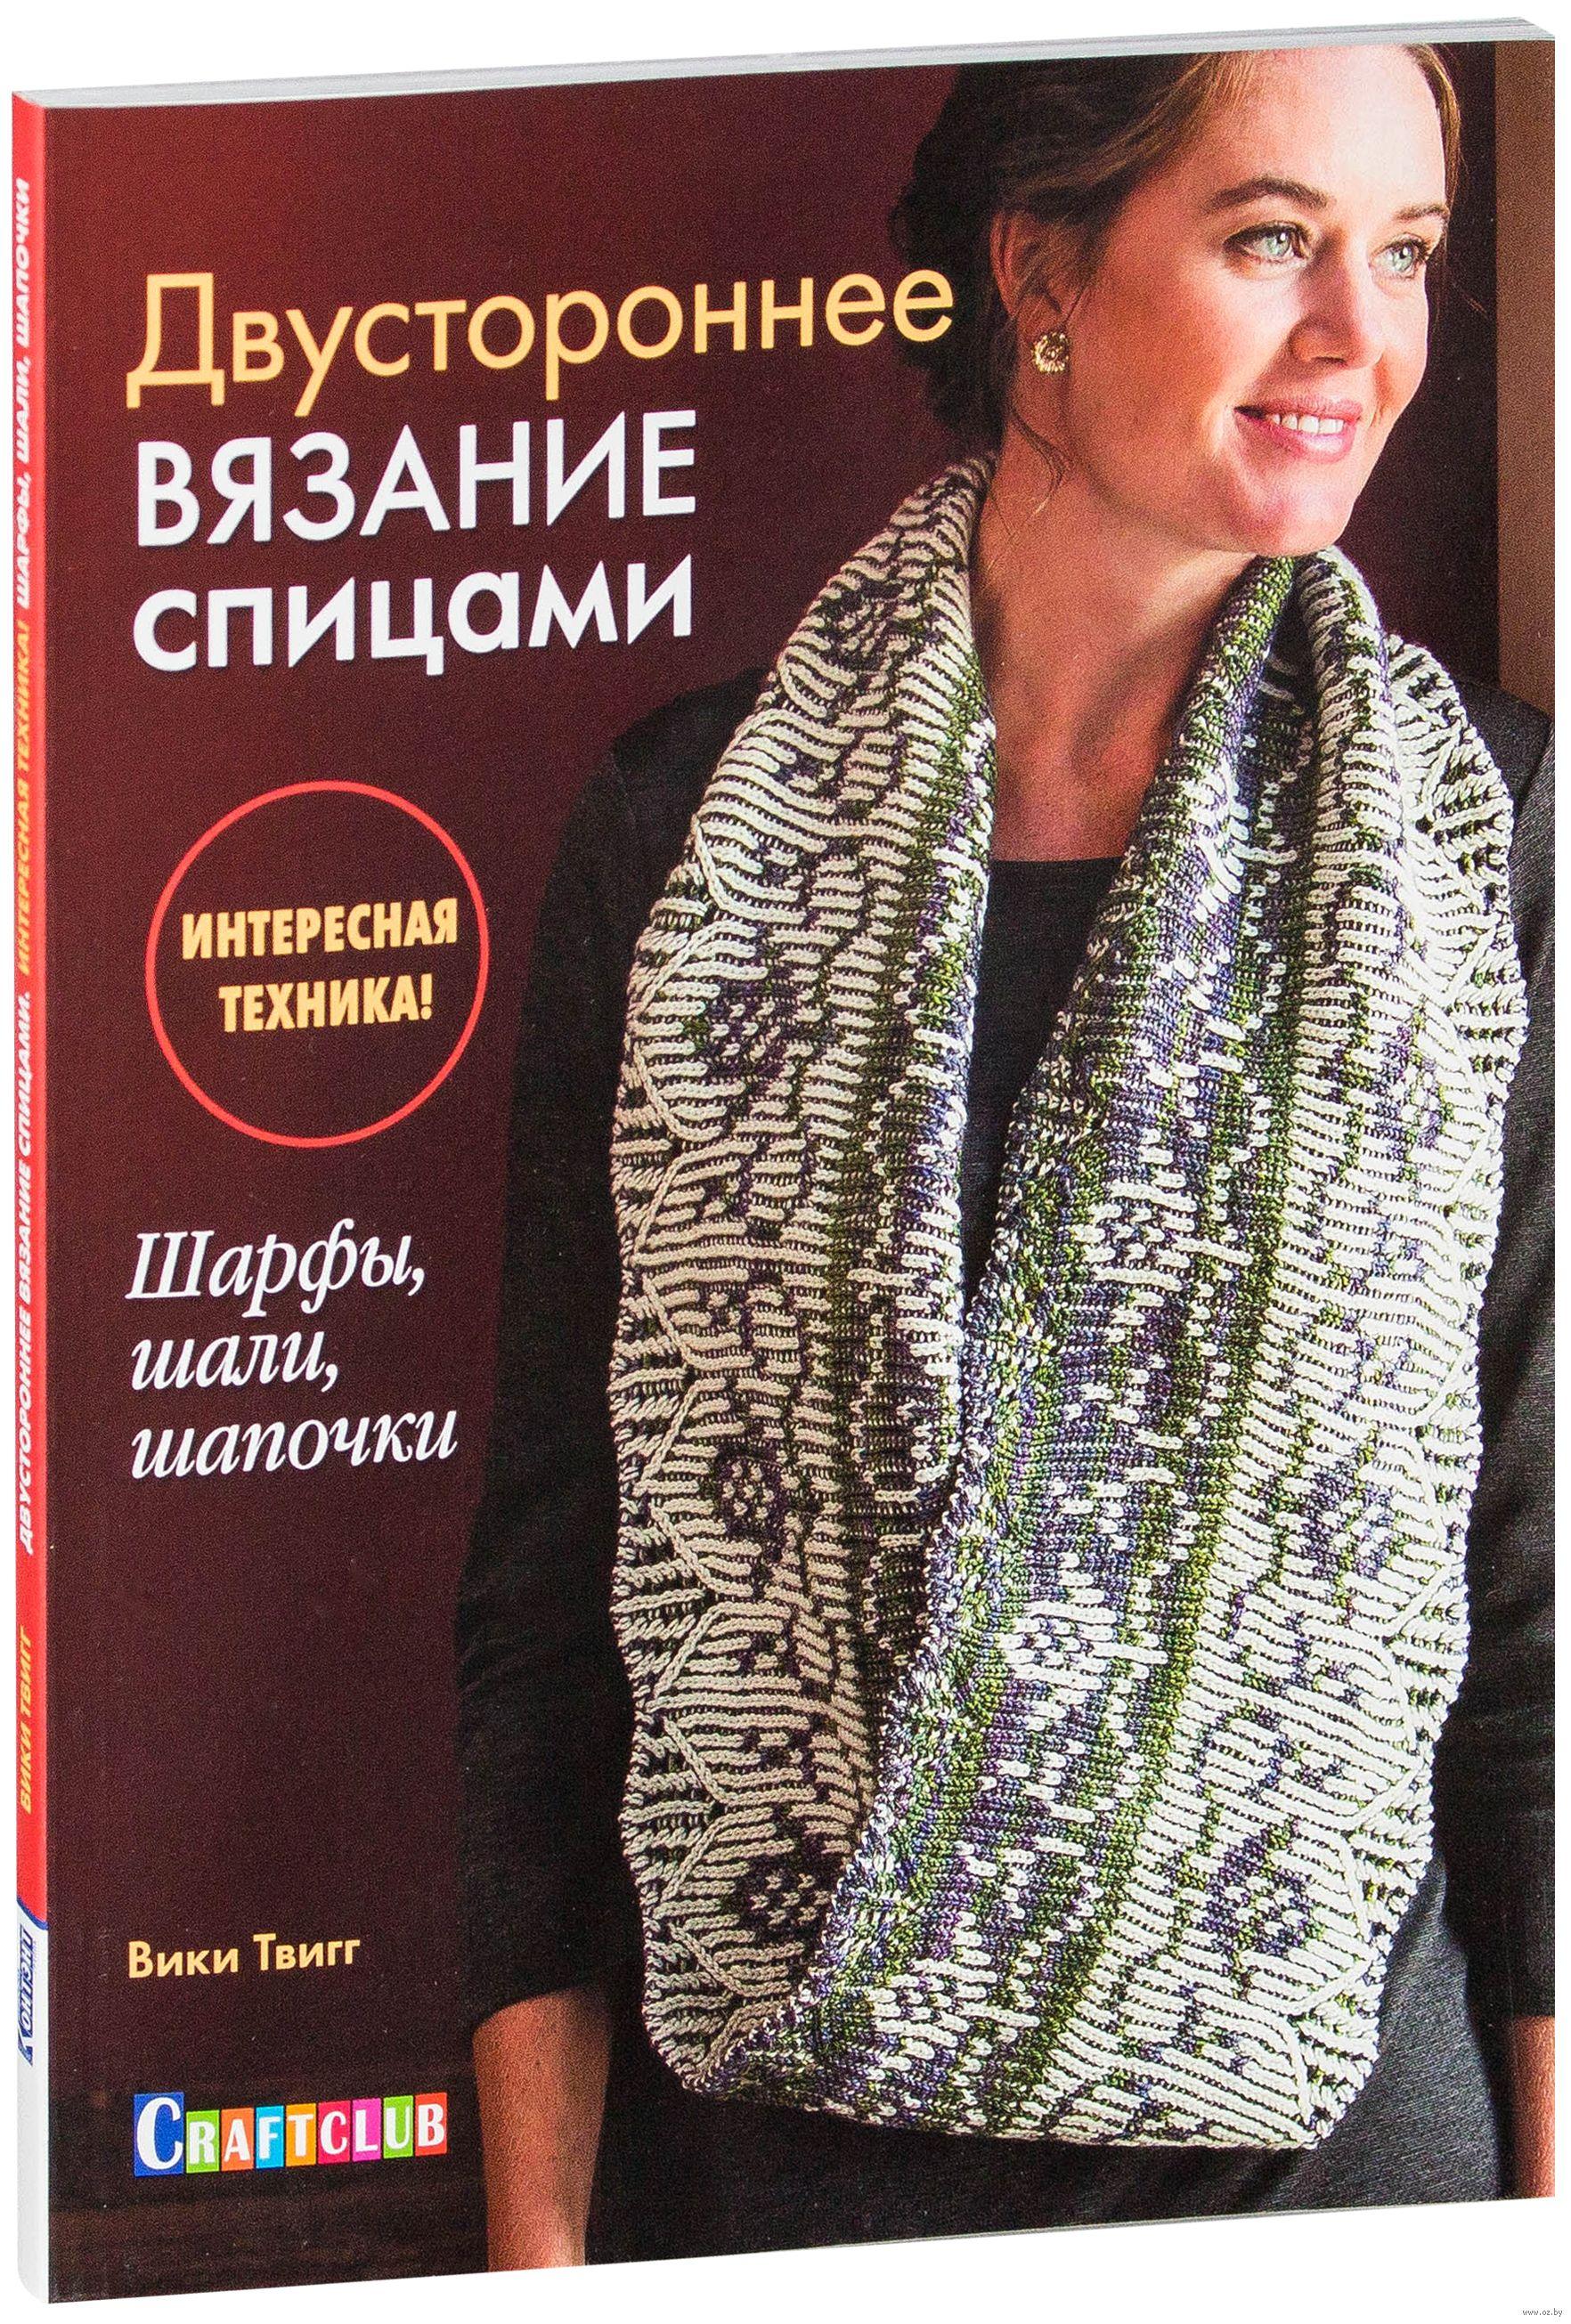 двустороннее вязание спицами интересная техника шарфы шали